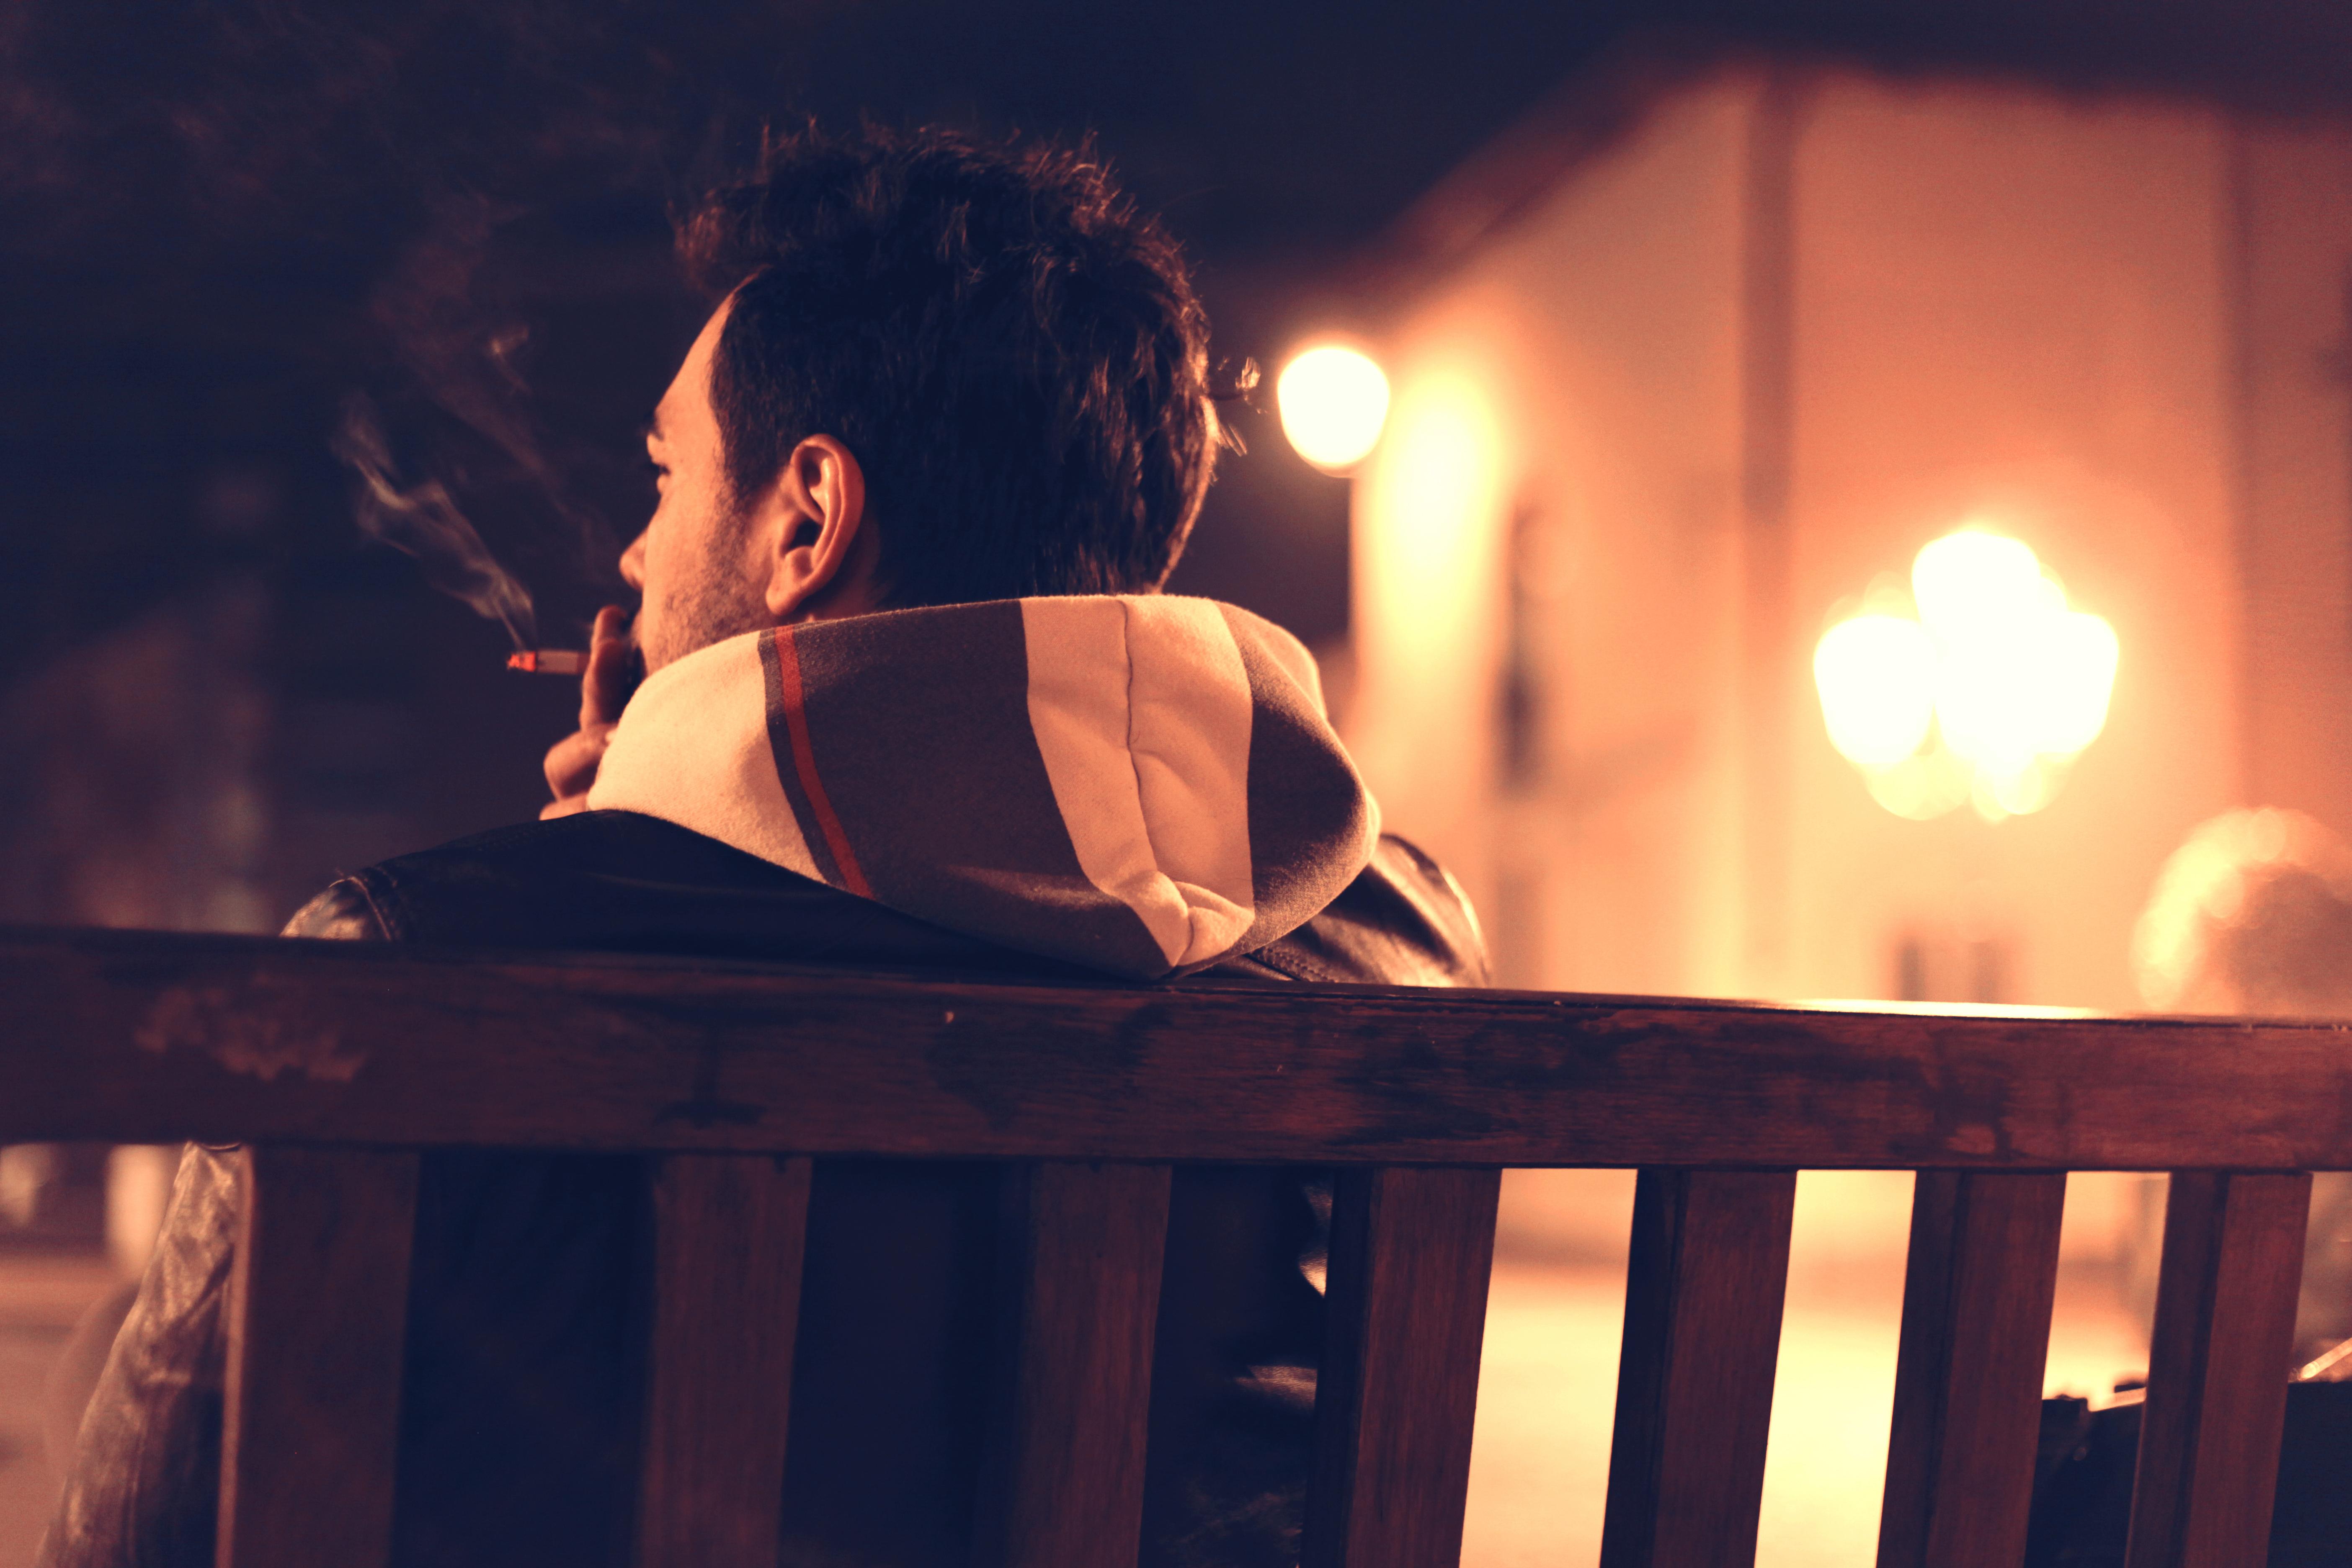 Z danych Głównego Inspektoratu Sanitarnego wynika, że do codziennego palenia papierosów przyznaje się w Polsce 24 proc. osób. (Fot. Pexels)